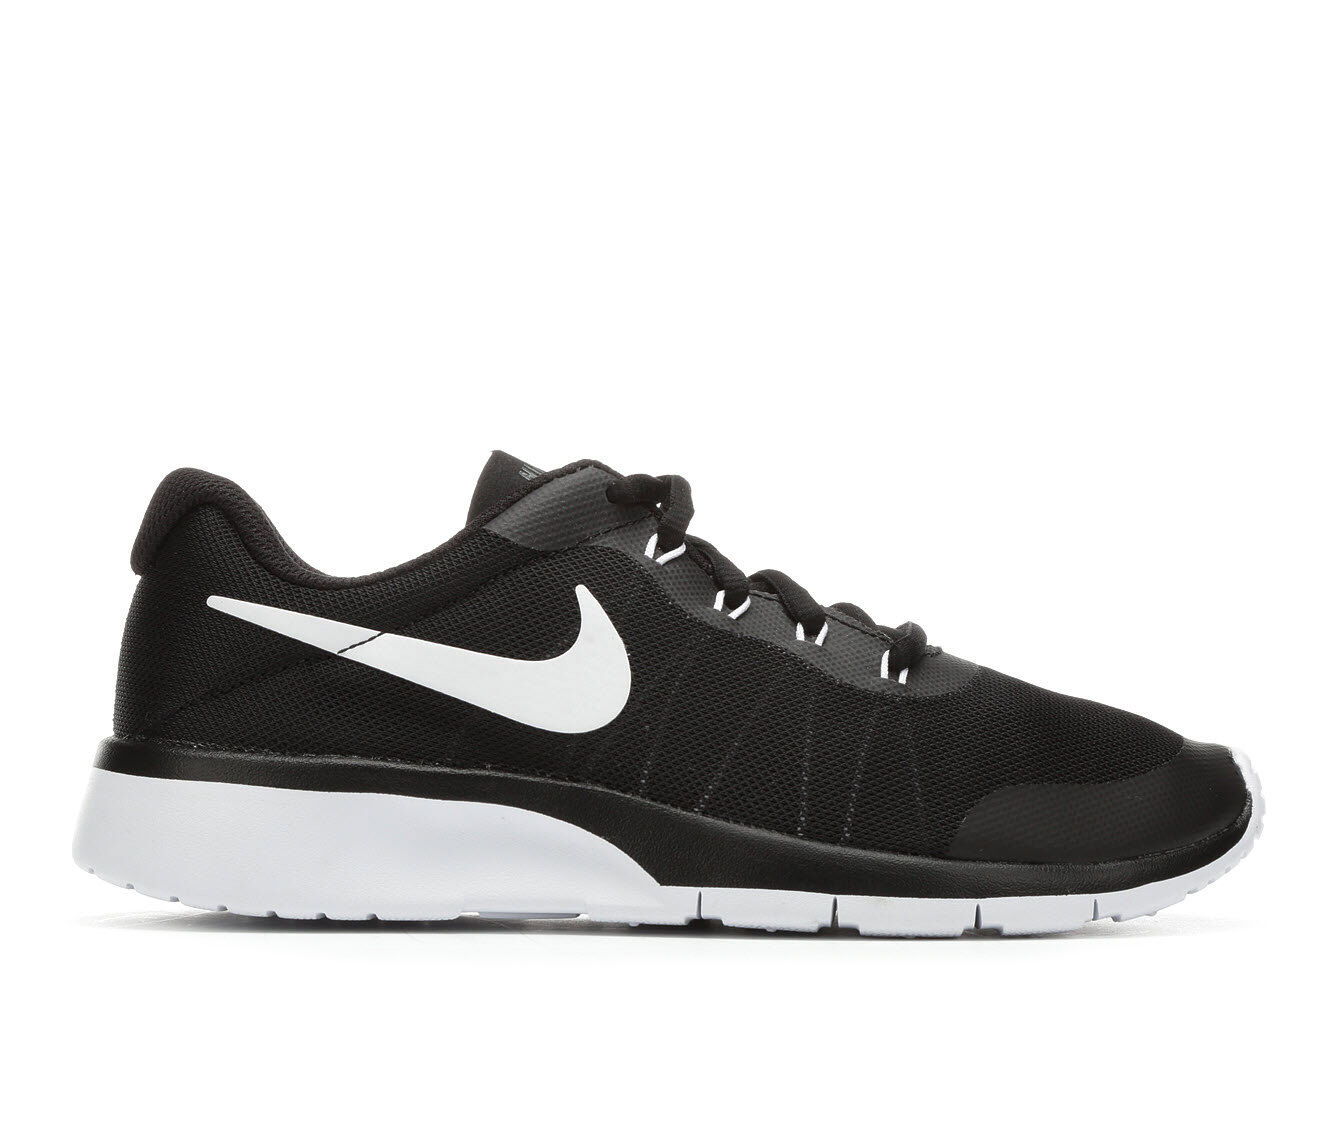 ... kids nike tanjun racer 3.5 7 running shoes